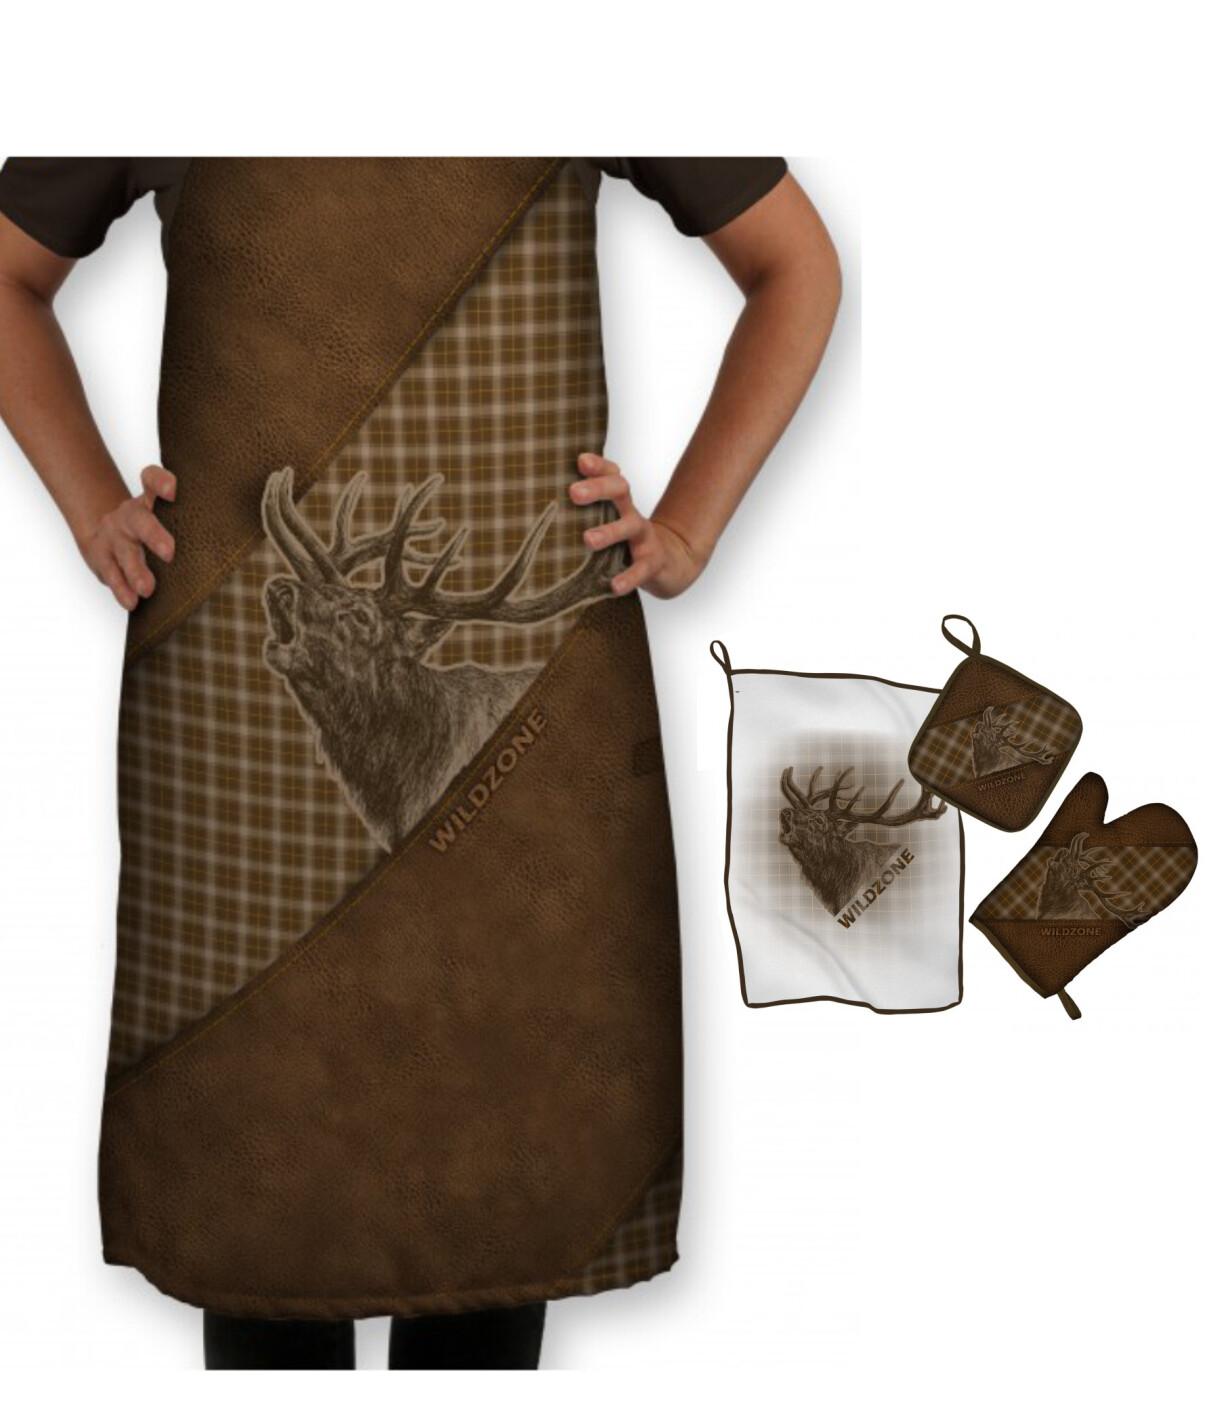 Sammenpak med tryk af Kronhjort - Forklæde og køkkensæt